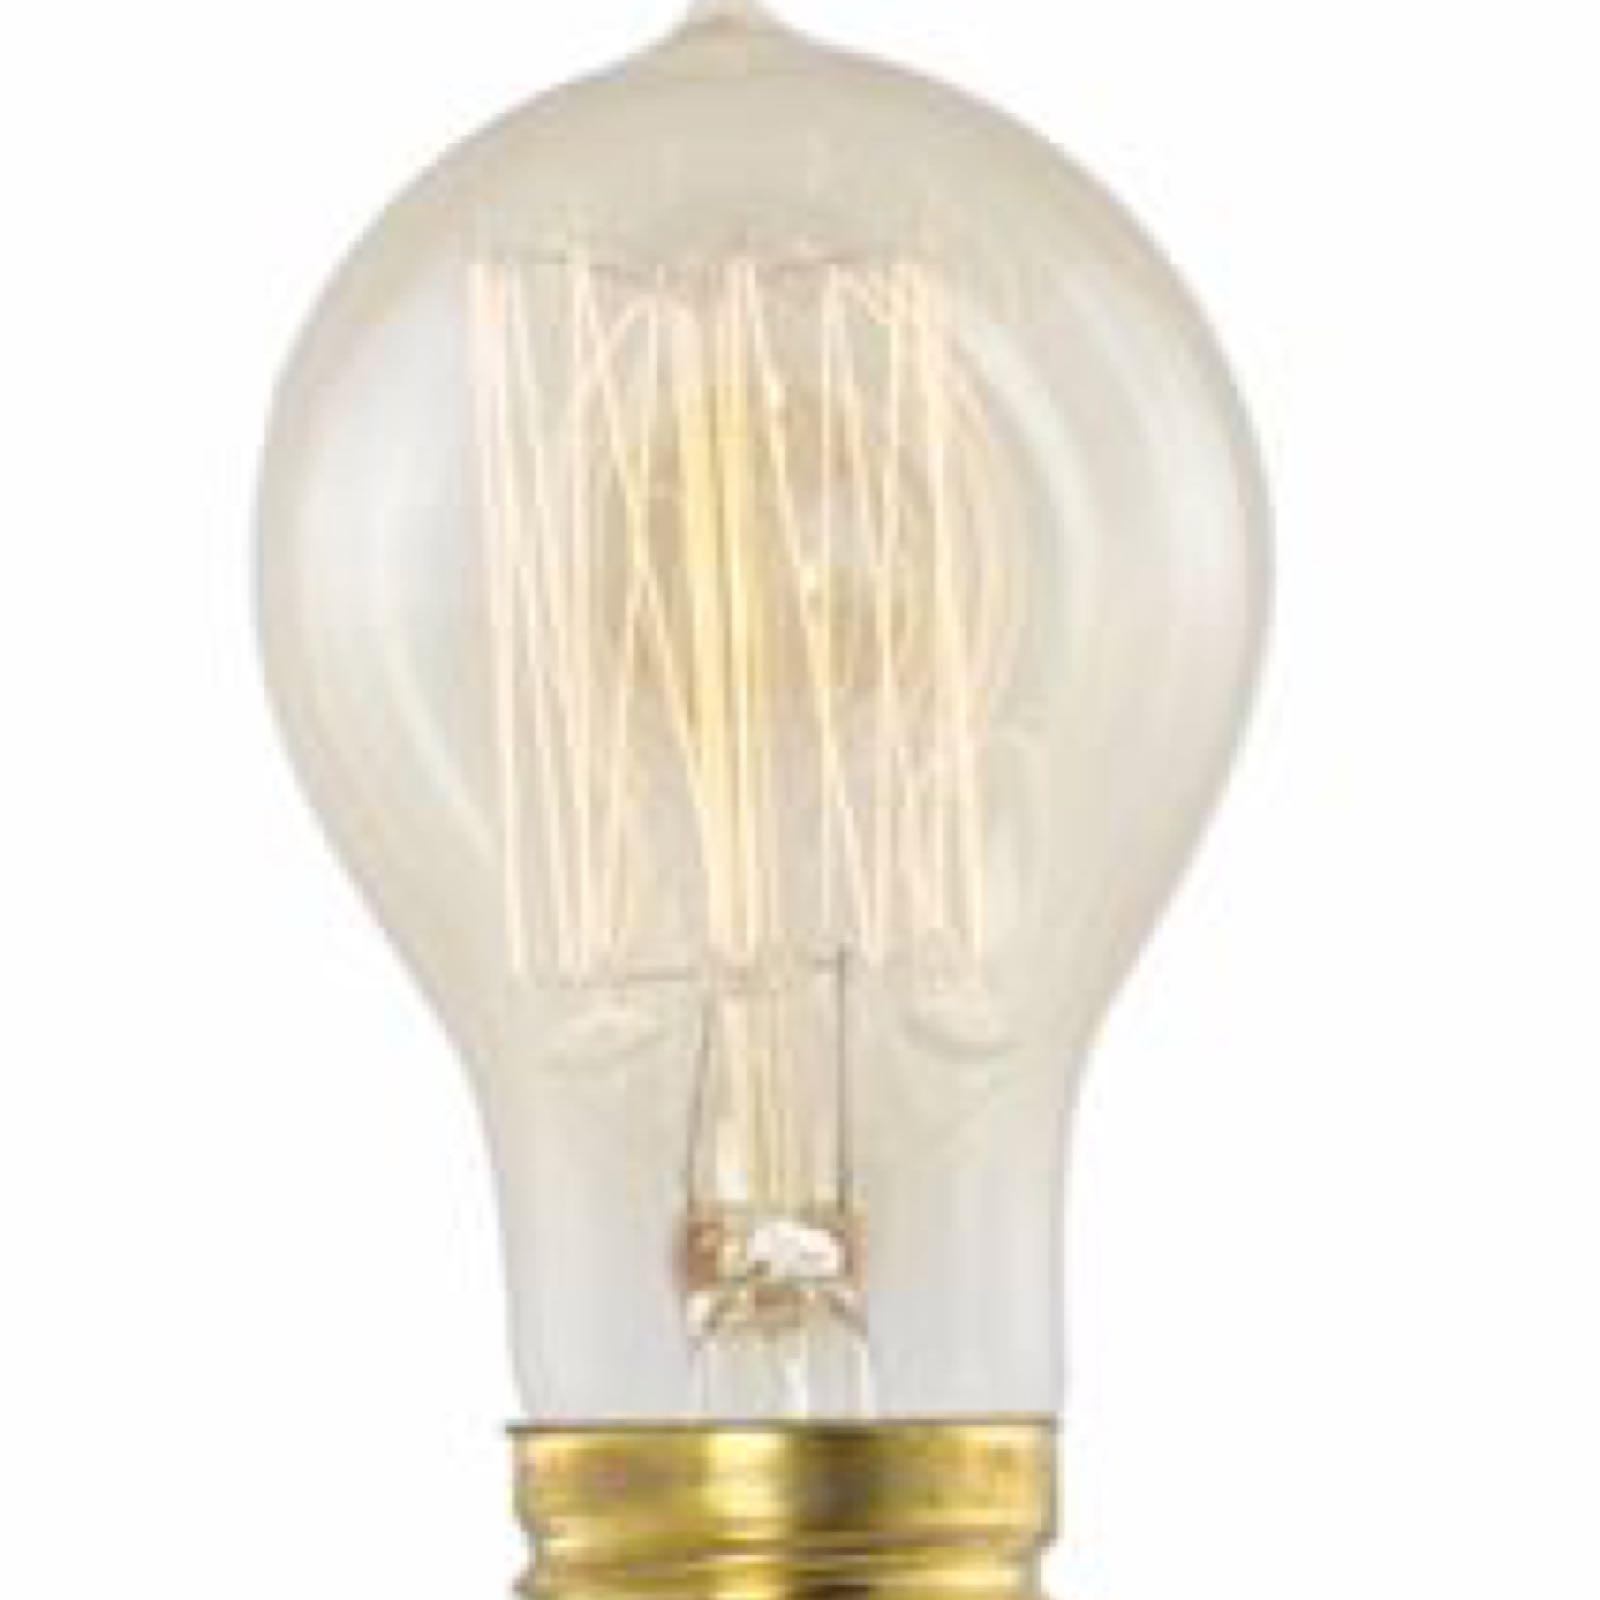 E27 round bulb screw in